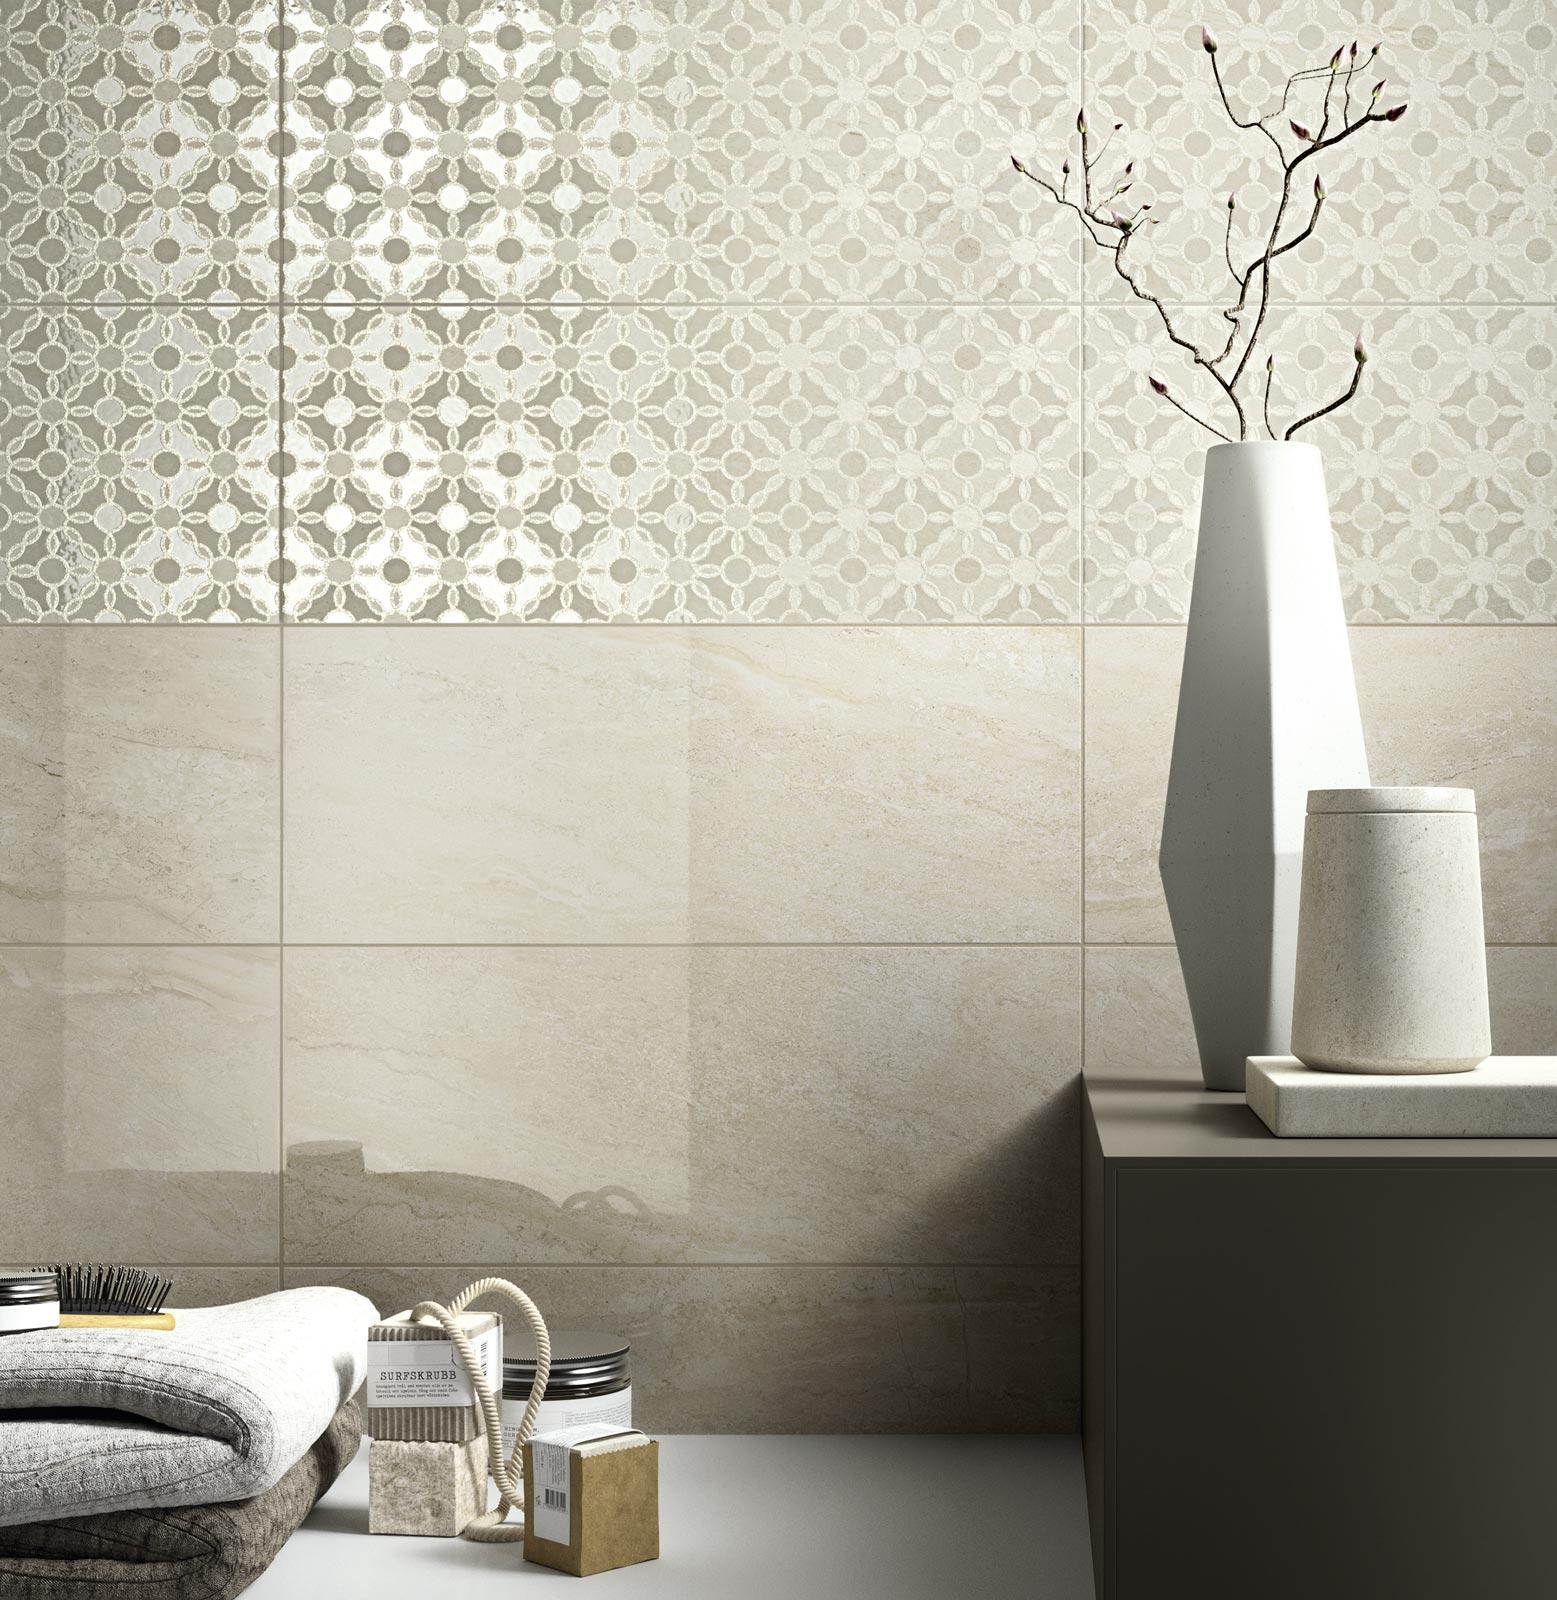 Collezione grace piastrelle in ceramica per il tuo bagno - Mattonelle bagno marazzi ...